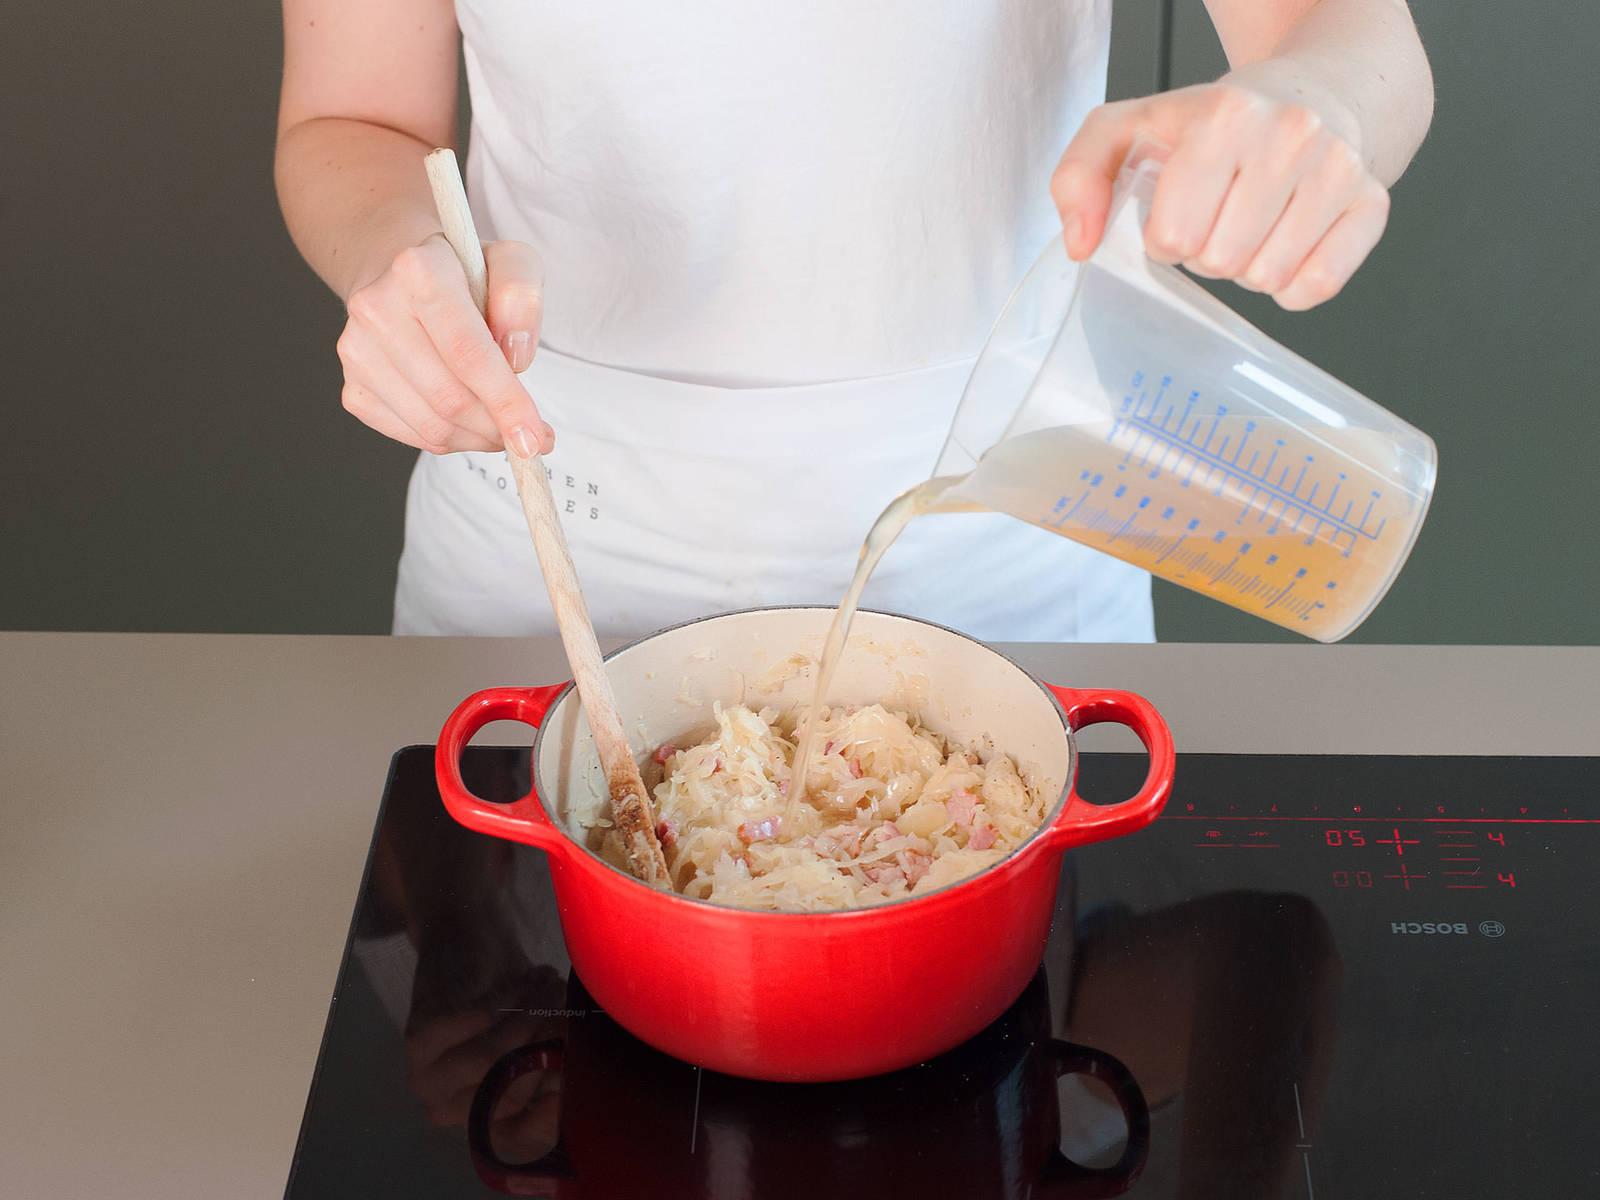 加入糖、月桂叶、杜松子和牛肉高汤。加盐与胡椒调味。充分翻搅,继续煮上8-10分钟,直至酸菜吸收了大部分牛肉高汤。